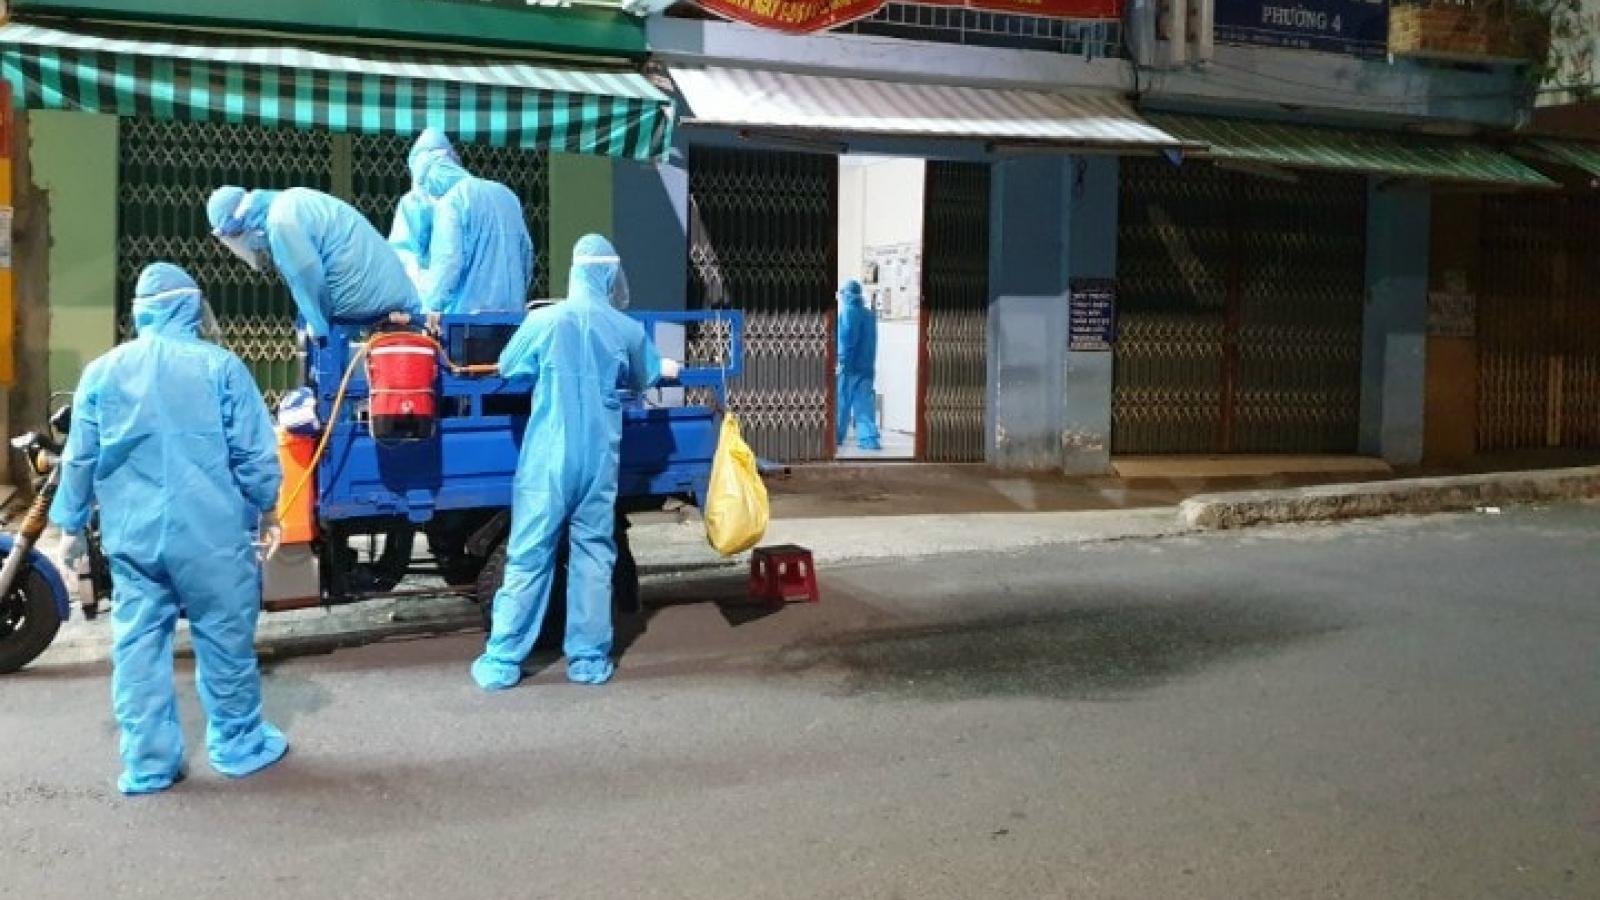 Tiền Giang kiến nghị Bộ Y tế hỗ trợkhẩn cấp nhân lực, thiết bị vật tư y tế